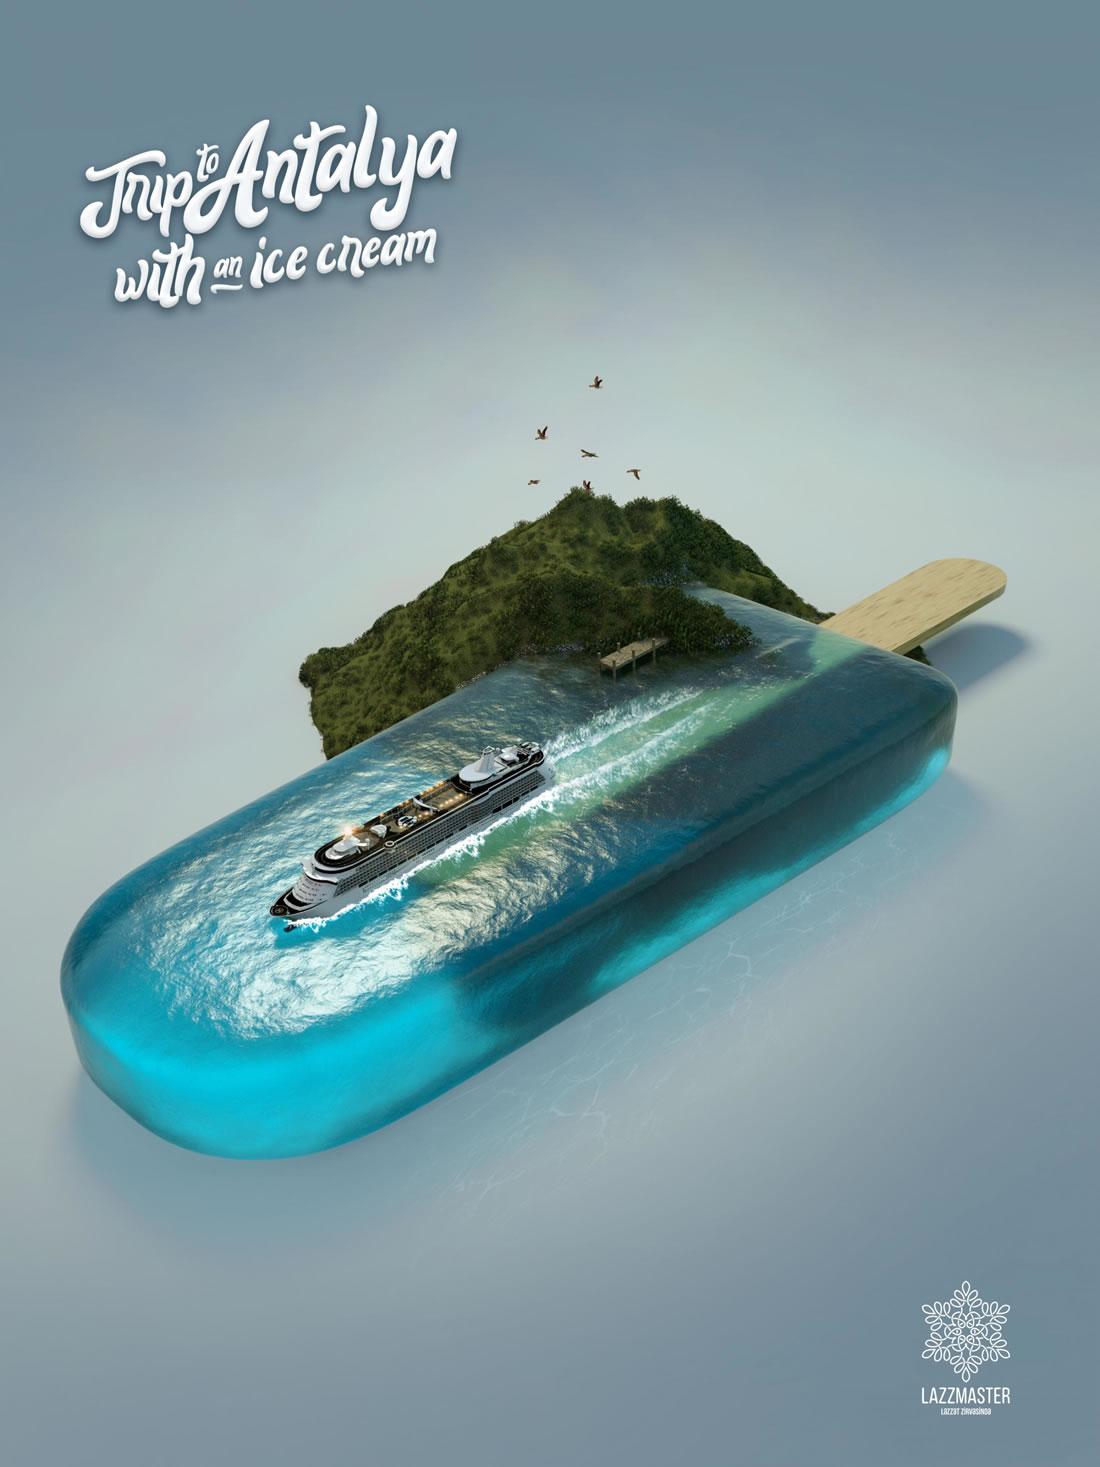 Inspiration – 130 Affiches Publicitaires Graphiques de Juillet et Août 2018 119